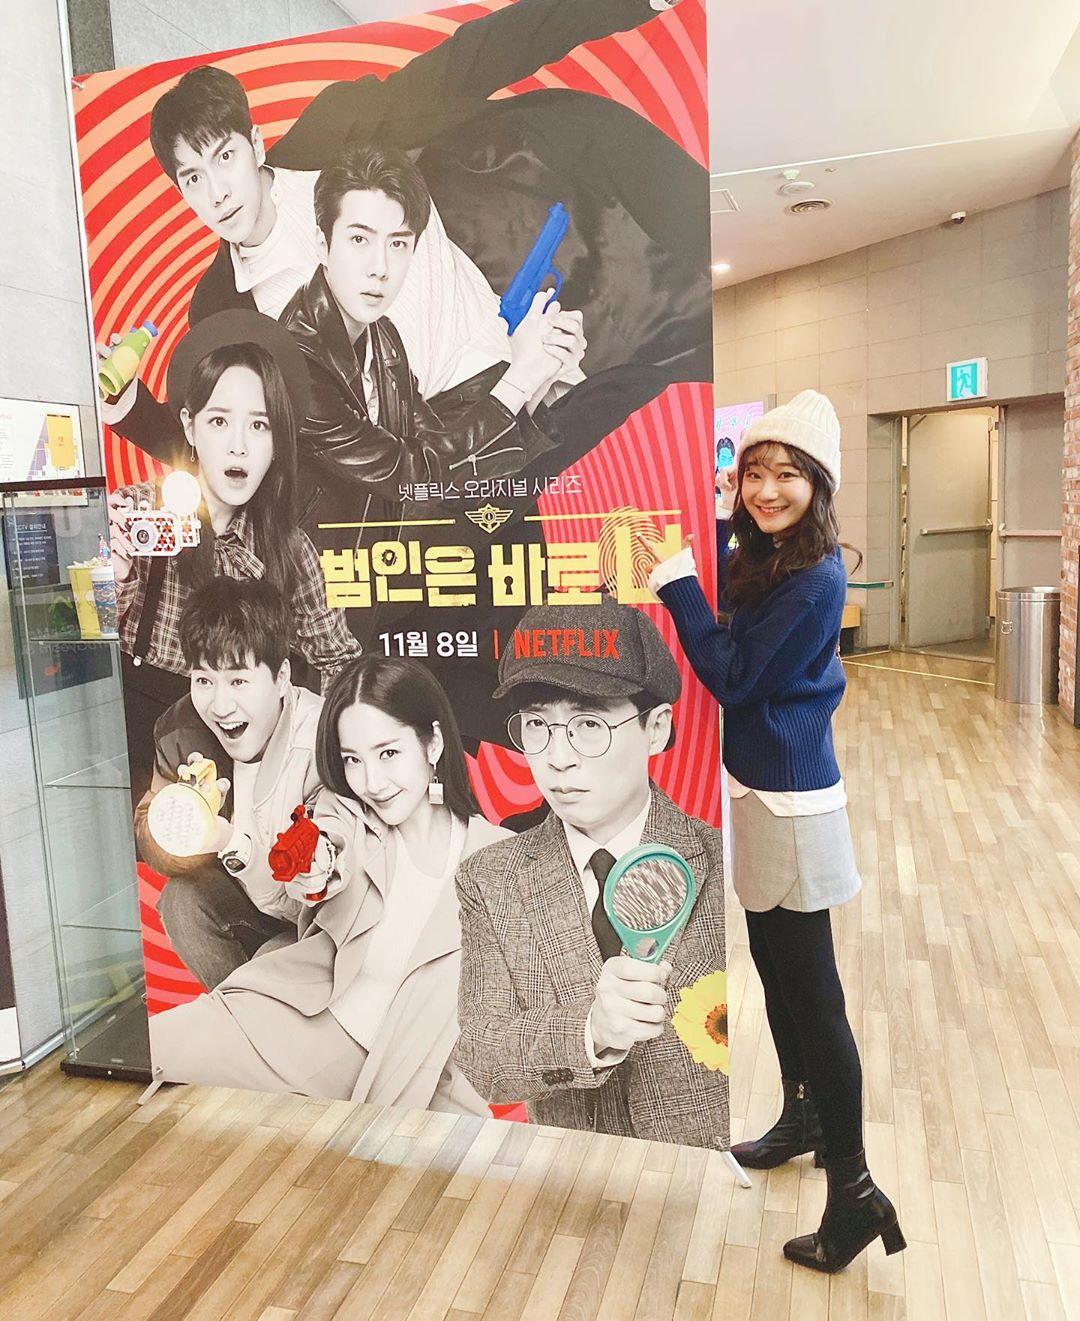 影/愛莉莎莎訪問「大咖韓星」狂叫錯名字!場面一度陷尷尬 劉在錫超暖救場